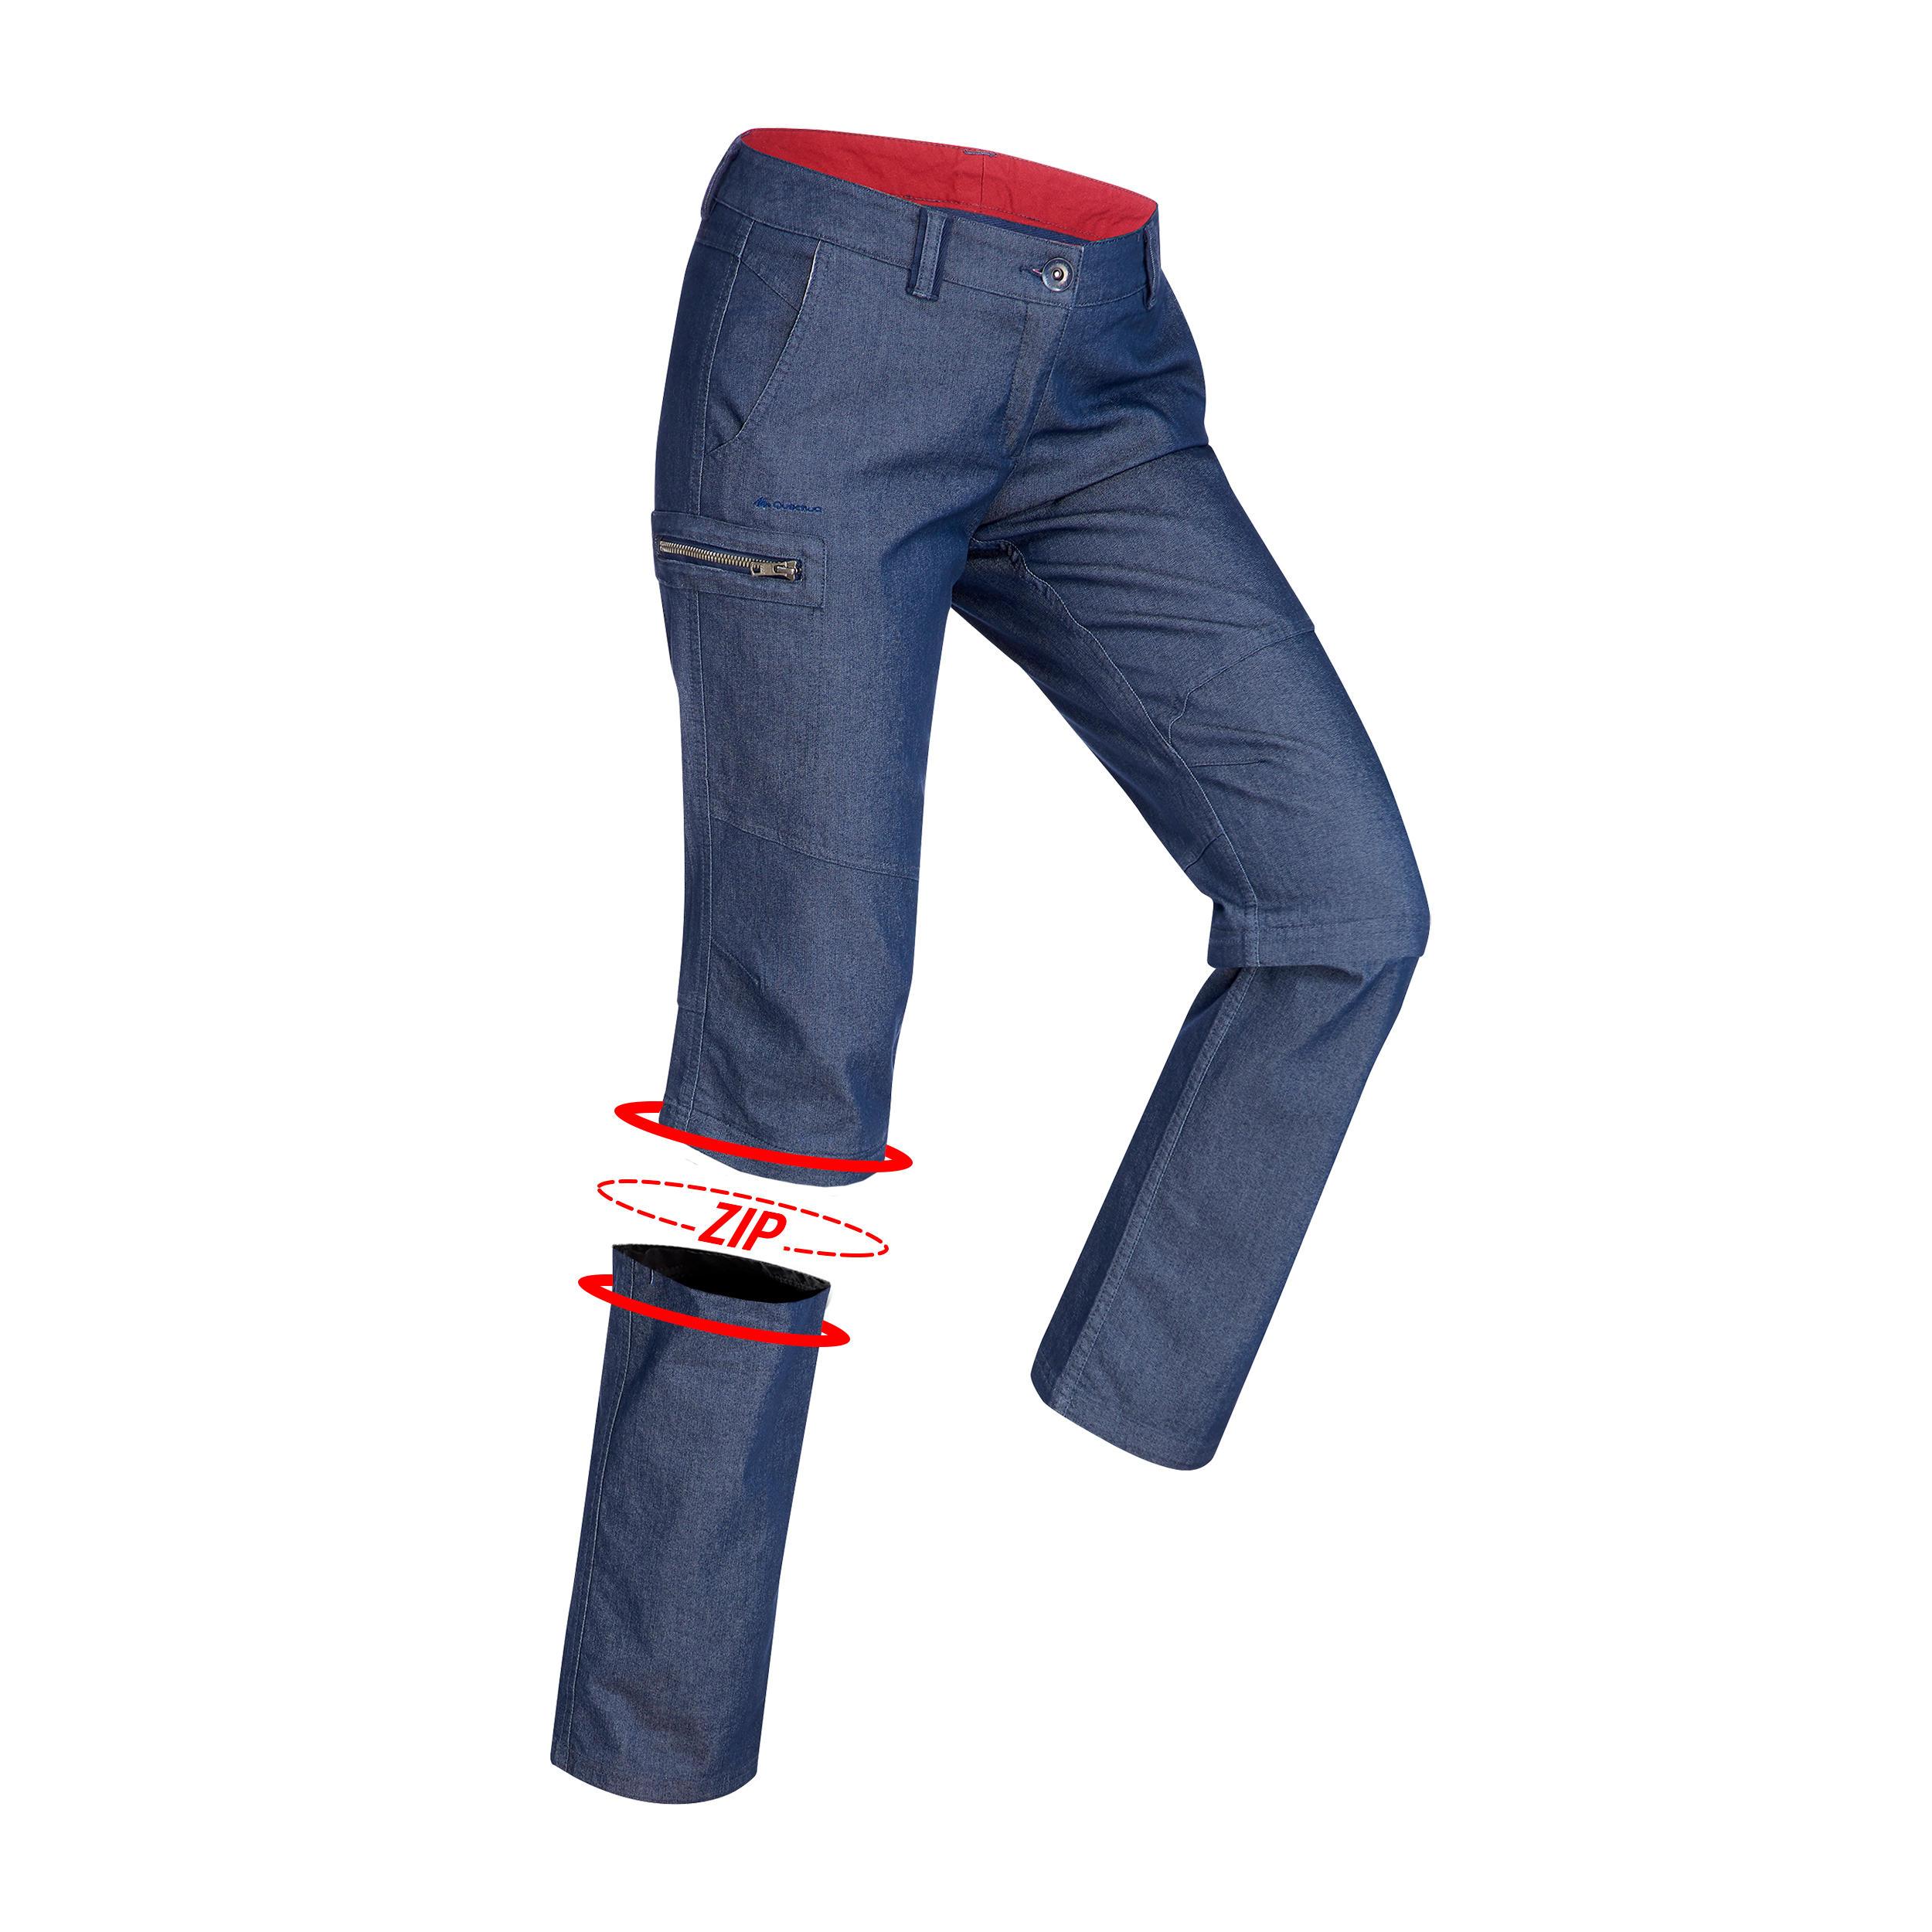 Damen Zip-Off-Hose Travel 100 Damen blau | 03608439592942